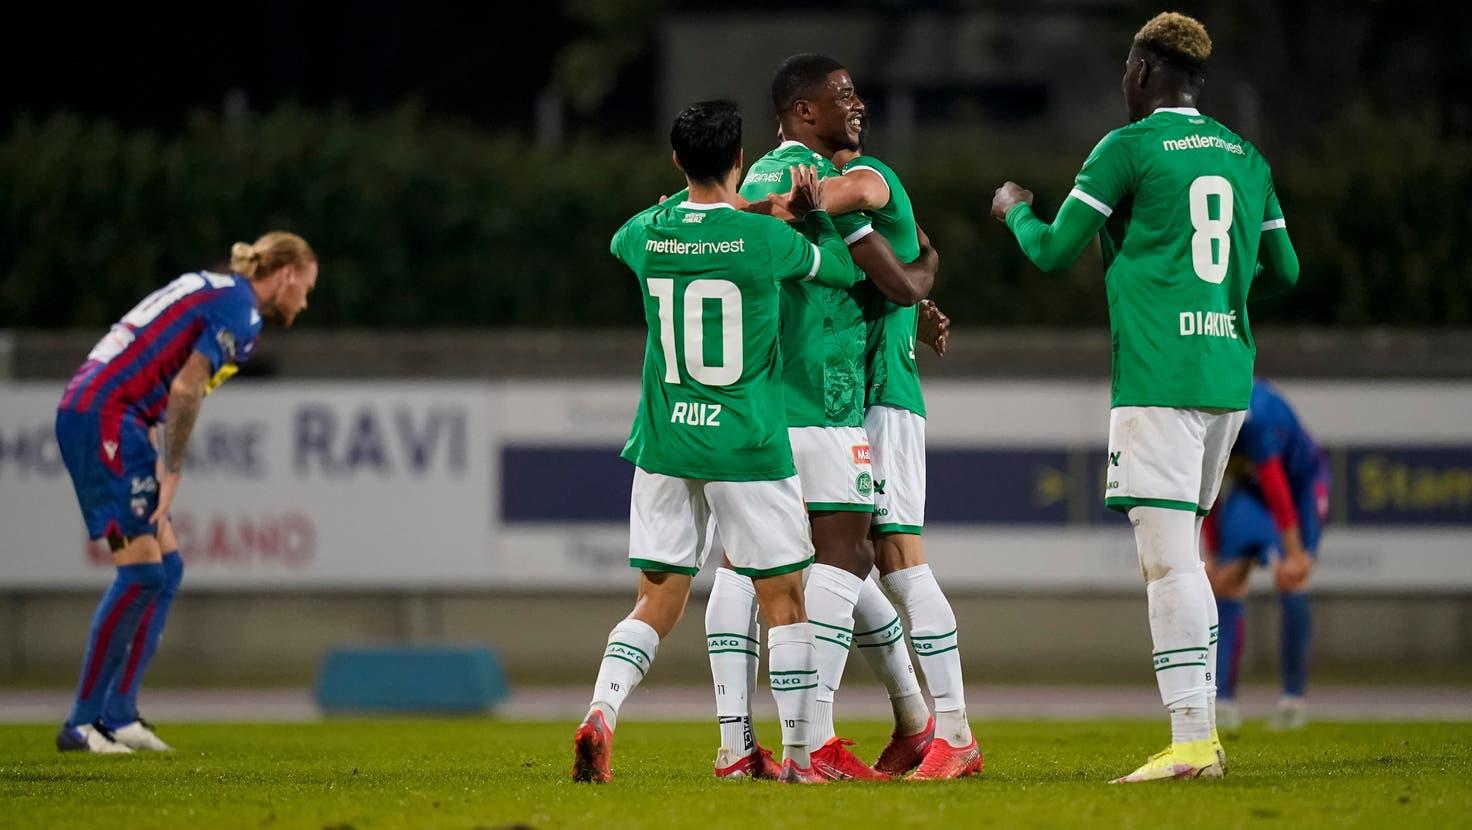 Kwadwo Duahs erster Streich: Er trifft in der 79. Minute zum 1:0 - St.Gallen muss dennoch in die Verlängerung. (Bild: Claudio Thoma/Freshfocus)